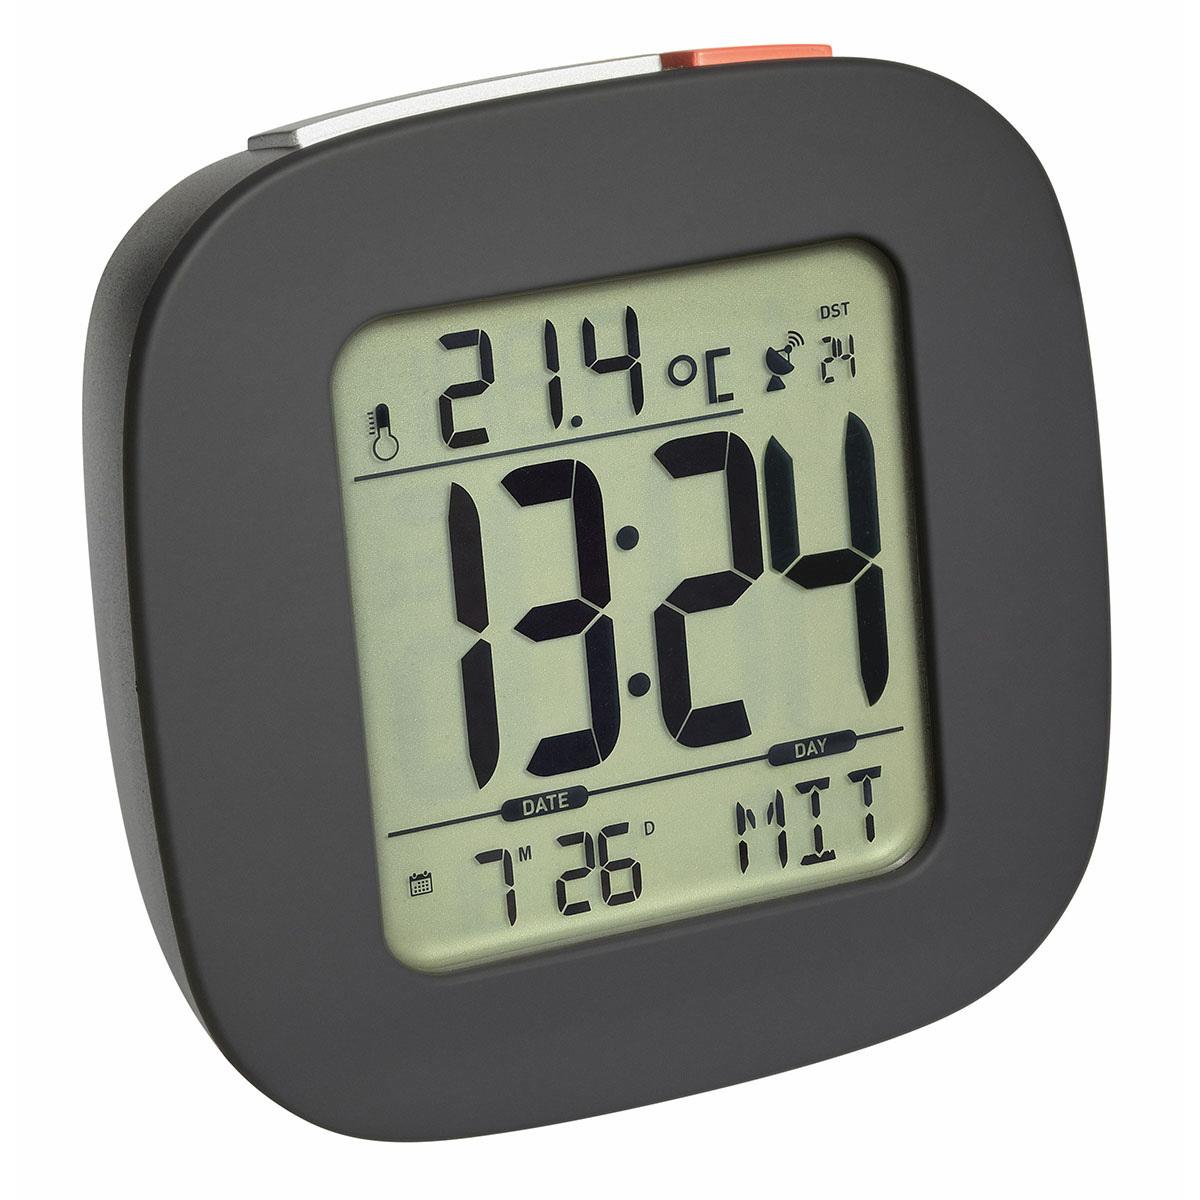 60-2542-10-digitaler-funk-wecker-mit-temperatur-1200x1200px.jpg